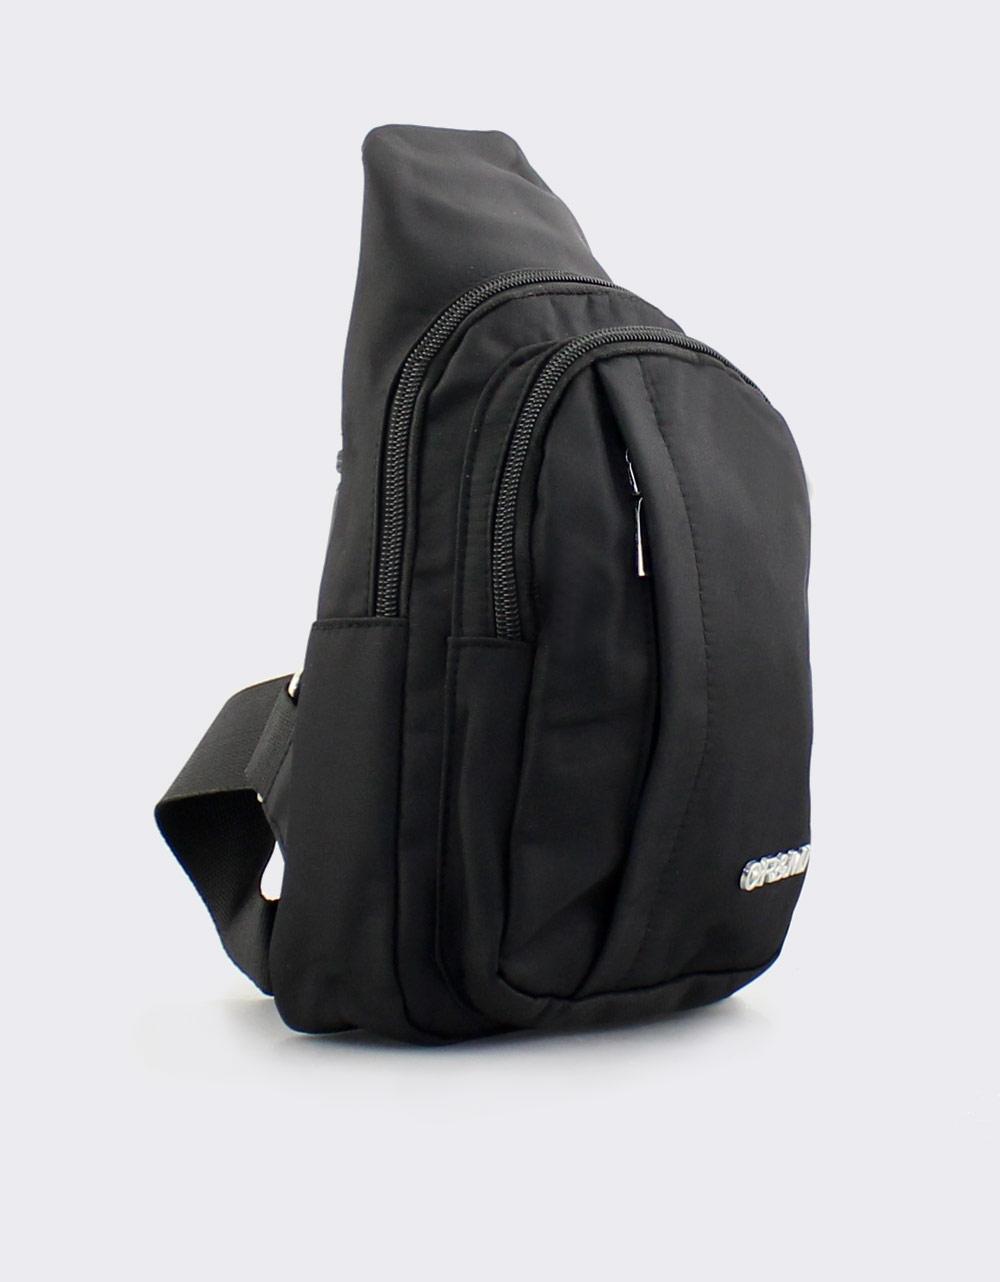 Εικόνα από Ανδρικές τσάντες ώμου σε τριγωνική γραμμή Μαύρο